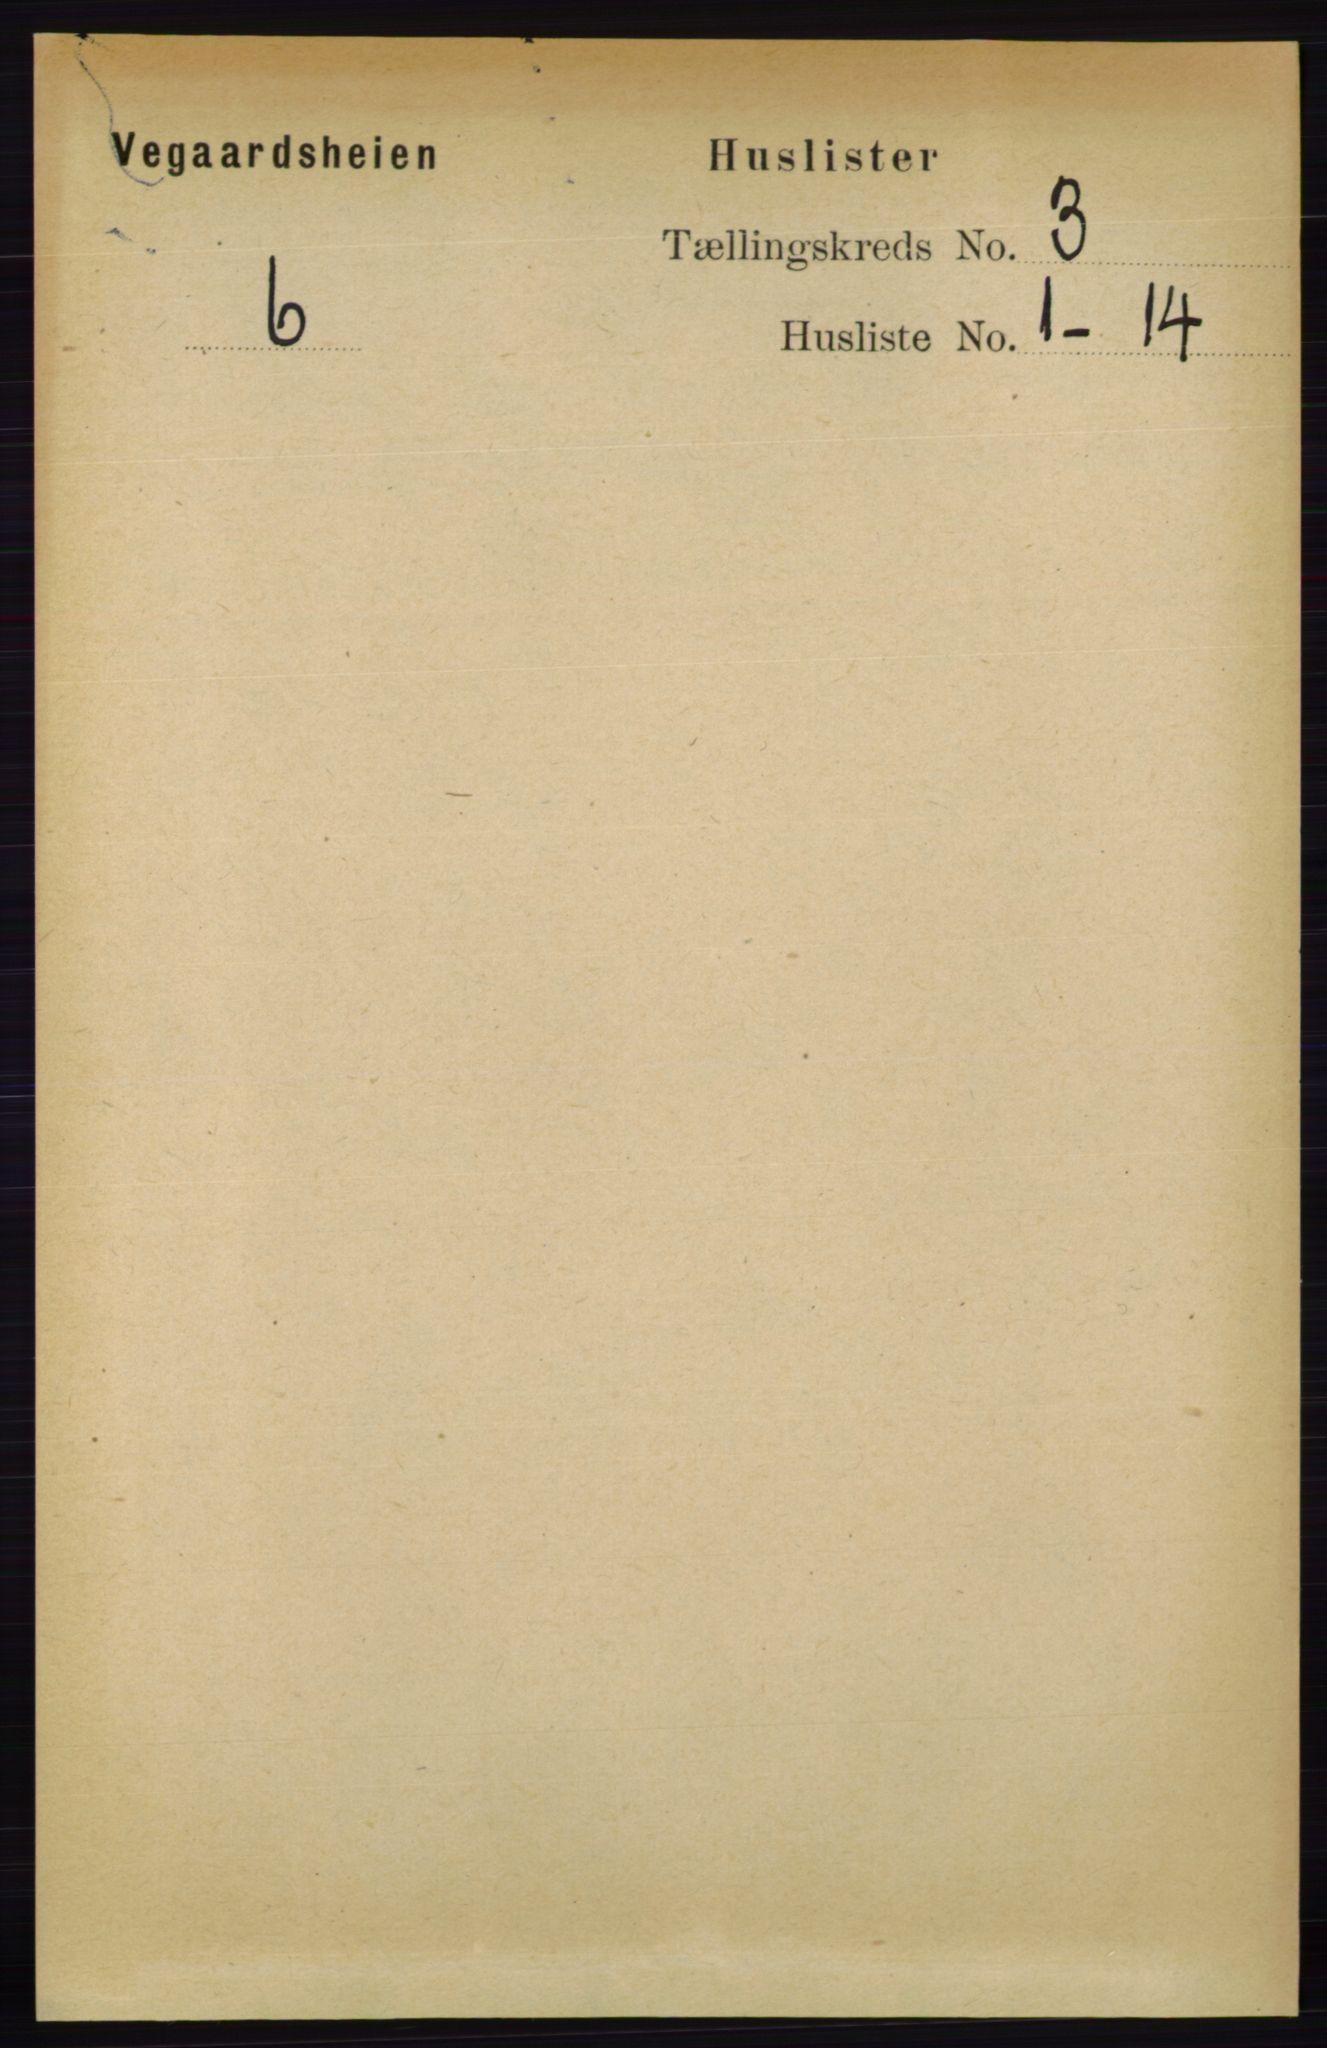 RA, Folketelling 1891 for 0912 Vegårshei herred, 1891, s. 602